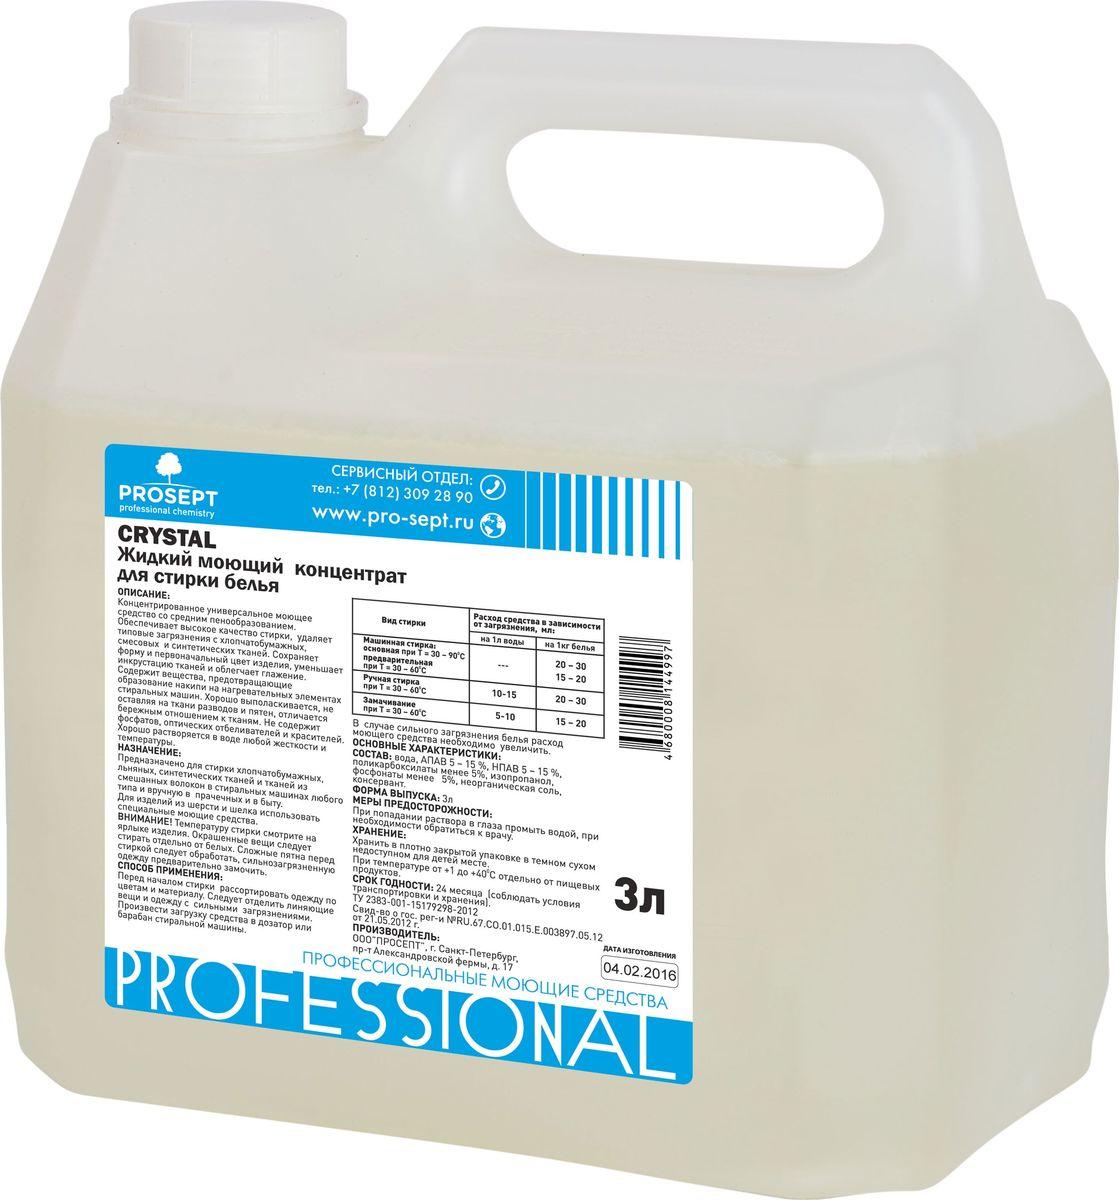 Жидкое средство для стирки Prosept Crystal, концентрат, 3 л244-3Концентрированное универсальное моющее средство со средним пенообразованием. Обеспечивает высокое качество стирки, удаляет типовые загрязнения с хлопчатобумажных, смесовых и синтетических тканей. Сохраняет форму и первоначальный цвет изделия, уменьшает инкрустацию тканей и облегчает глажение. Содержит вещества, предотвращающие образование накипи на нагревательных элементах стиральных машин. Хорошо выполаскивается, не оставляя на ткани разводов и пятен, отличается бережным отношением к тканям. Не содержит фосфатов, оптических отбеливателей и красителей. Хорошо растворяется в воде любой жесткости и температуры.Состав: вода, АПАВ - 5-15%, НПАВ - 5-15%, поликарбоксилаты менее 5%, изопропанол, фосфонаты менее 5%, неорганическая соль, консервант.Товар сертифицирован.